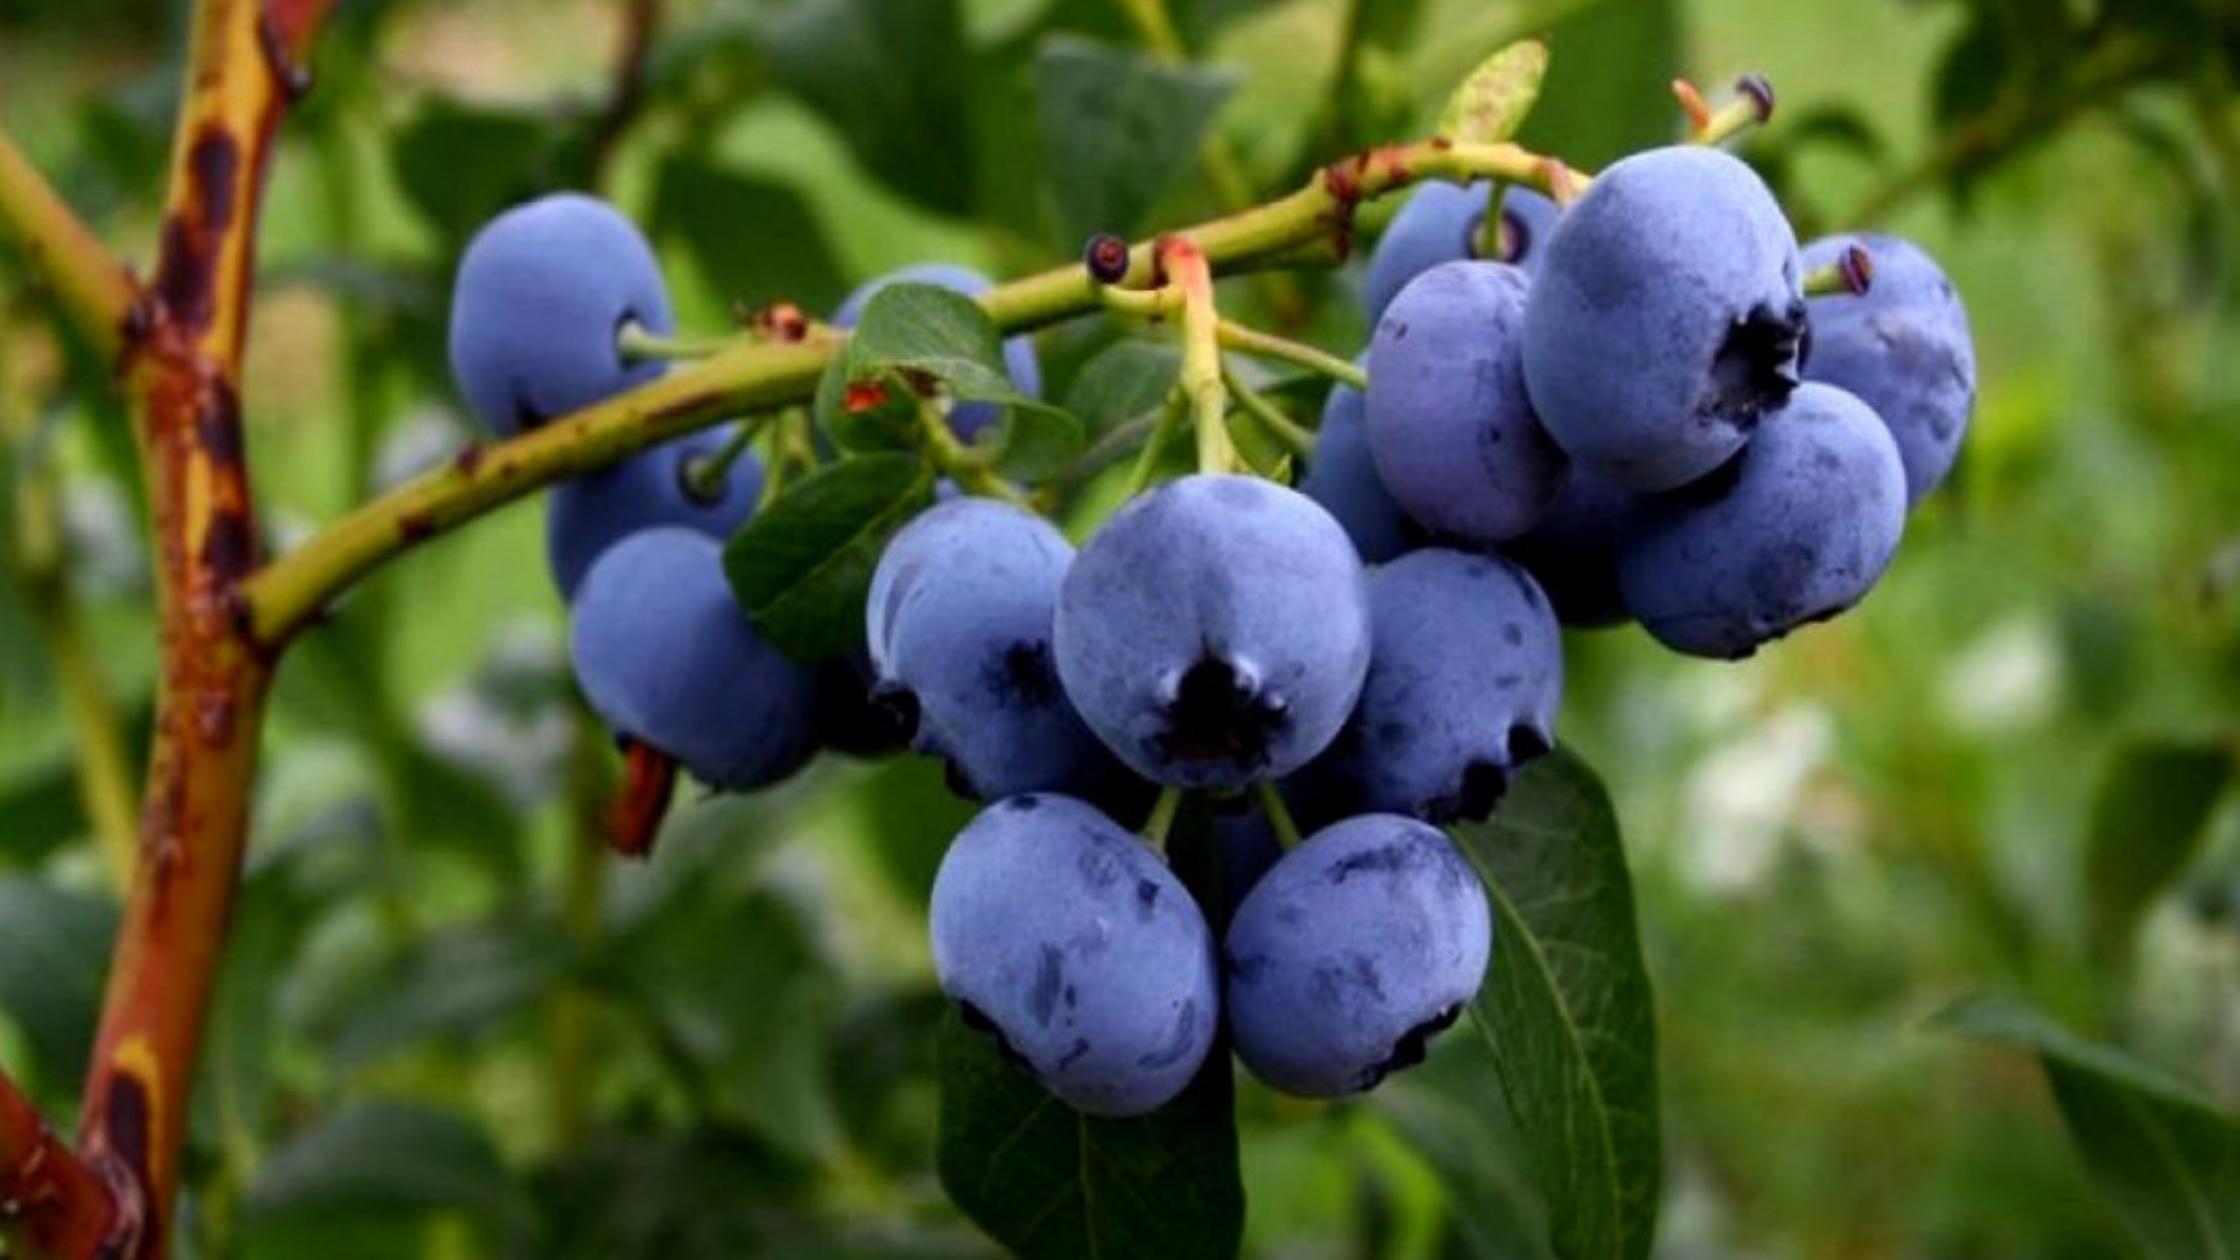 Plantación de arándanos: rentabilidad y características del cultivo